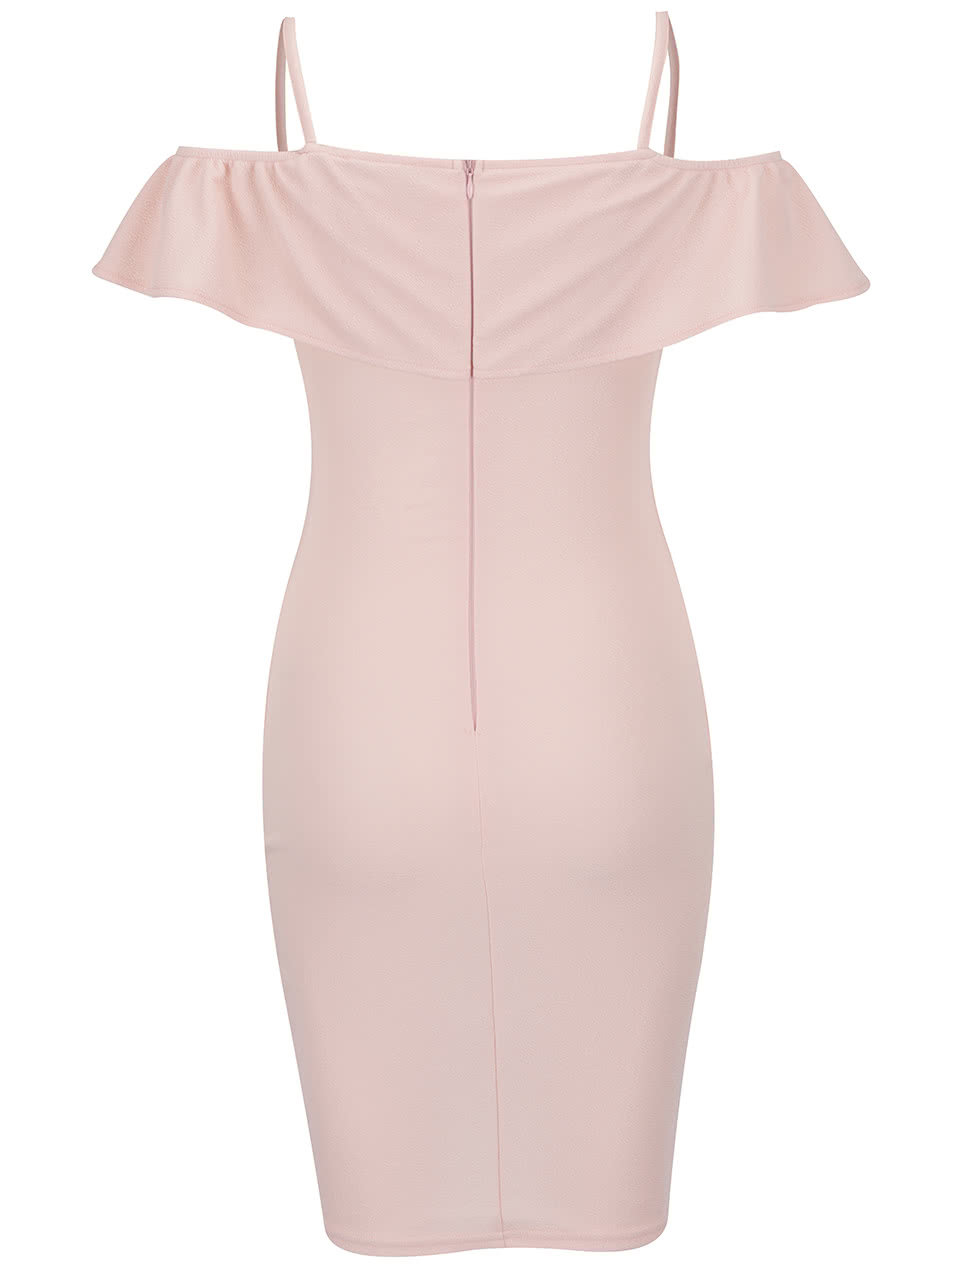 0e234cf002d2 Ružové šaty s odhalenými ramenami AX Paris ...